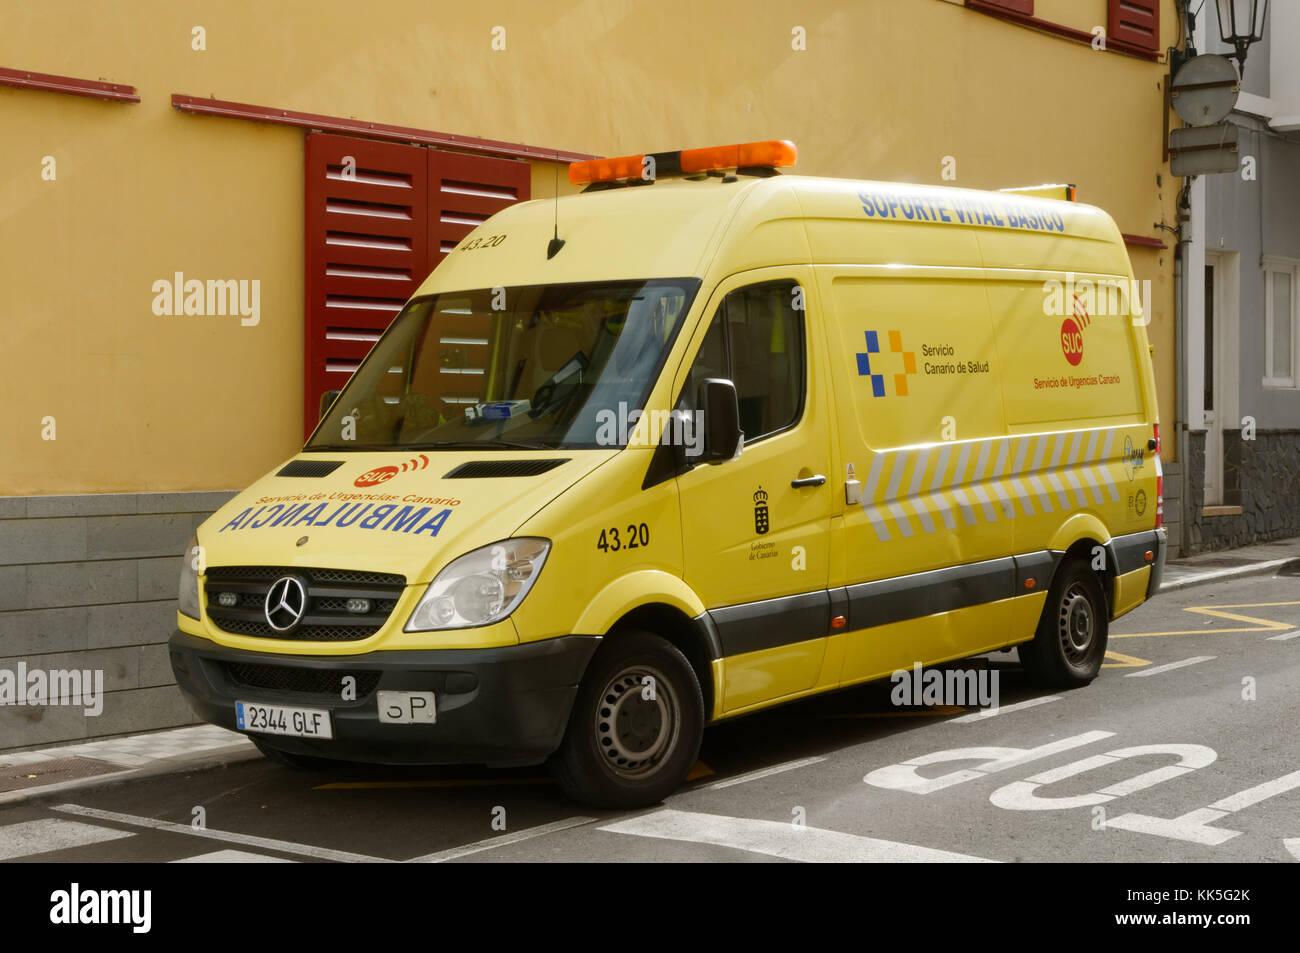 spanish ambulance ambulances healthcare travel insurance holiday holiday accidents illness illnesses van mercedes - Stock Image